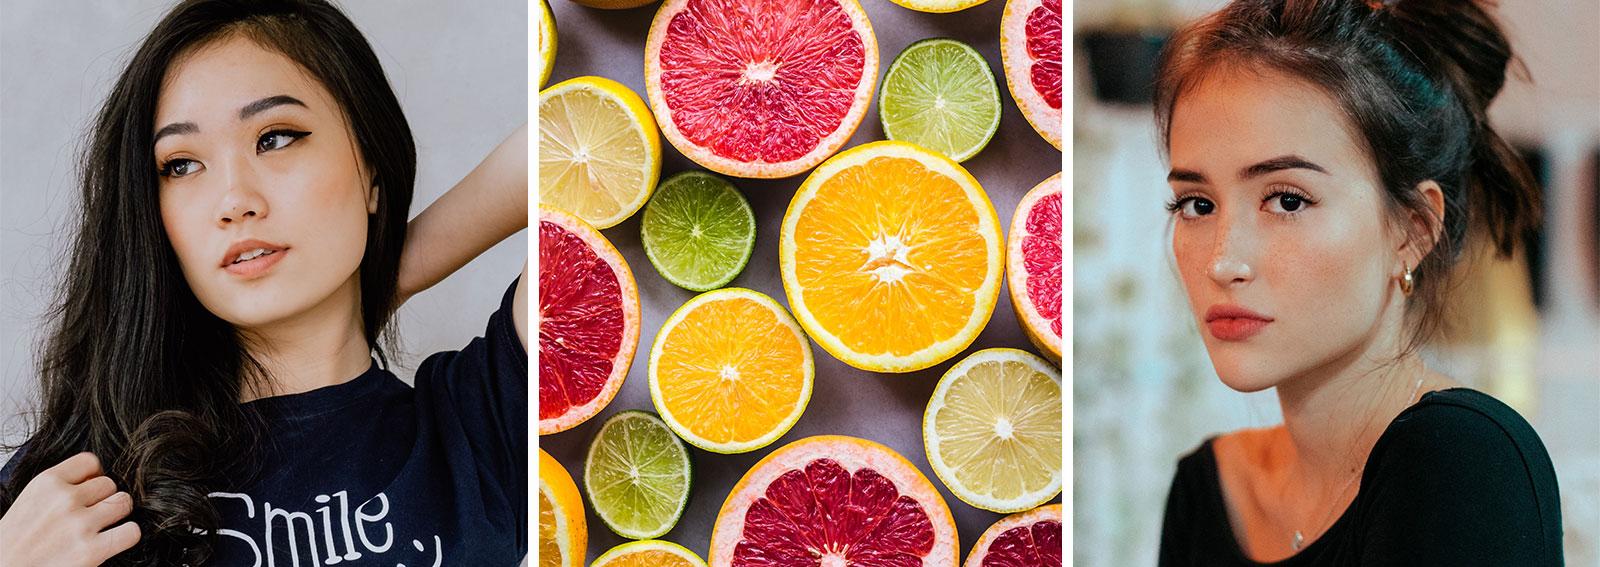 vitamina-c-viso-desktop